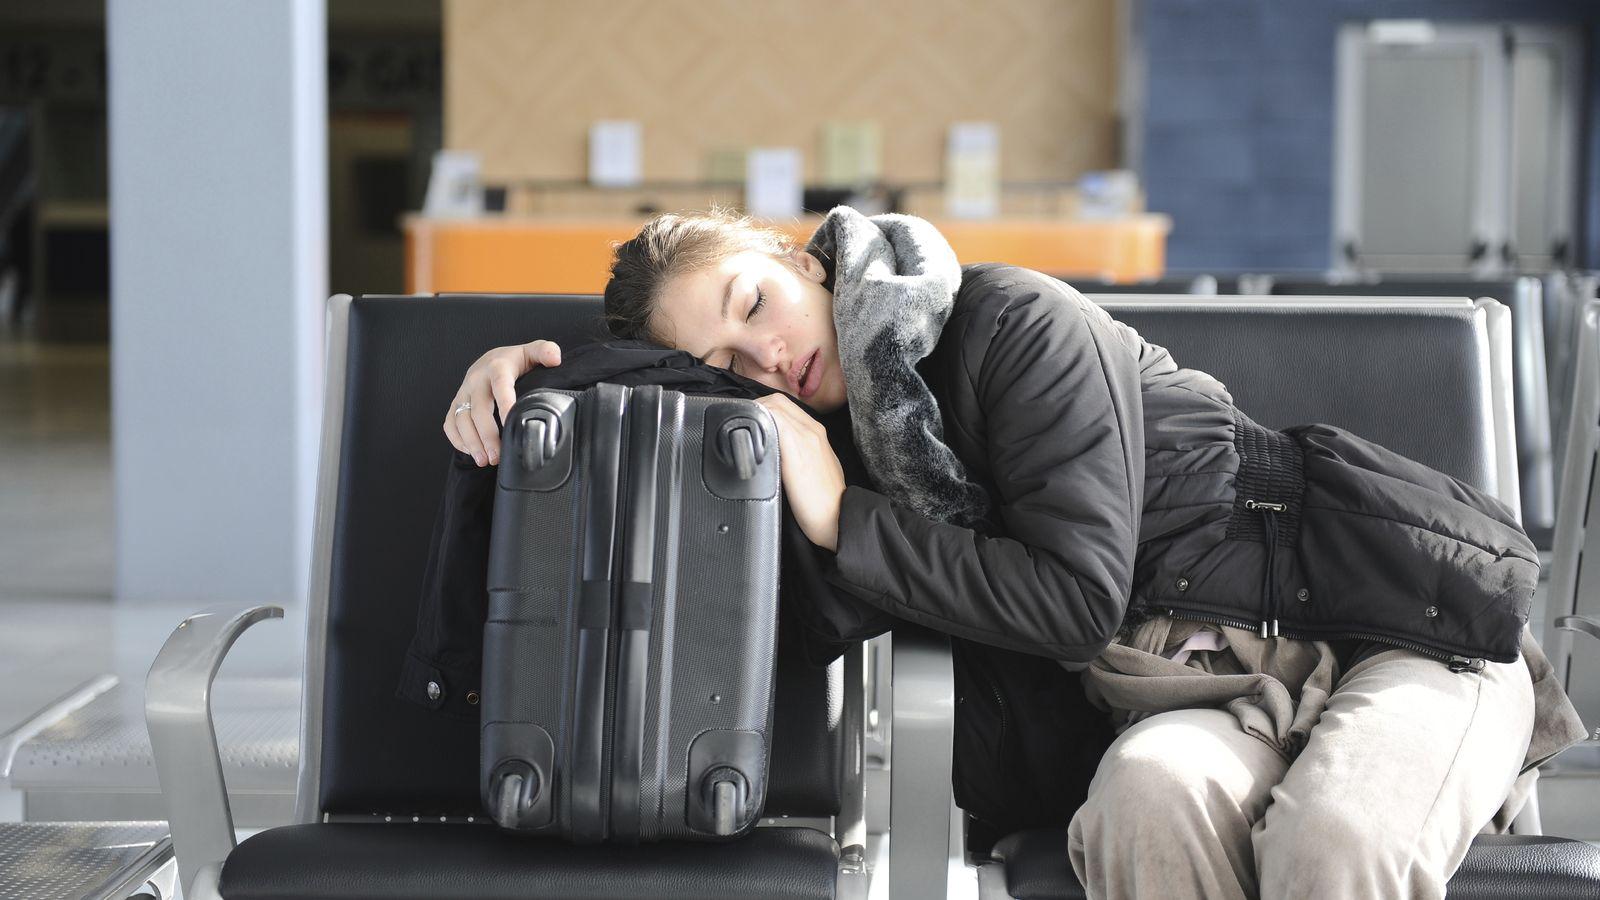 Foto: El jet lag no se puede eliminar por completo, pero se pueden mitigar sus efectos. (iStock)